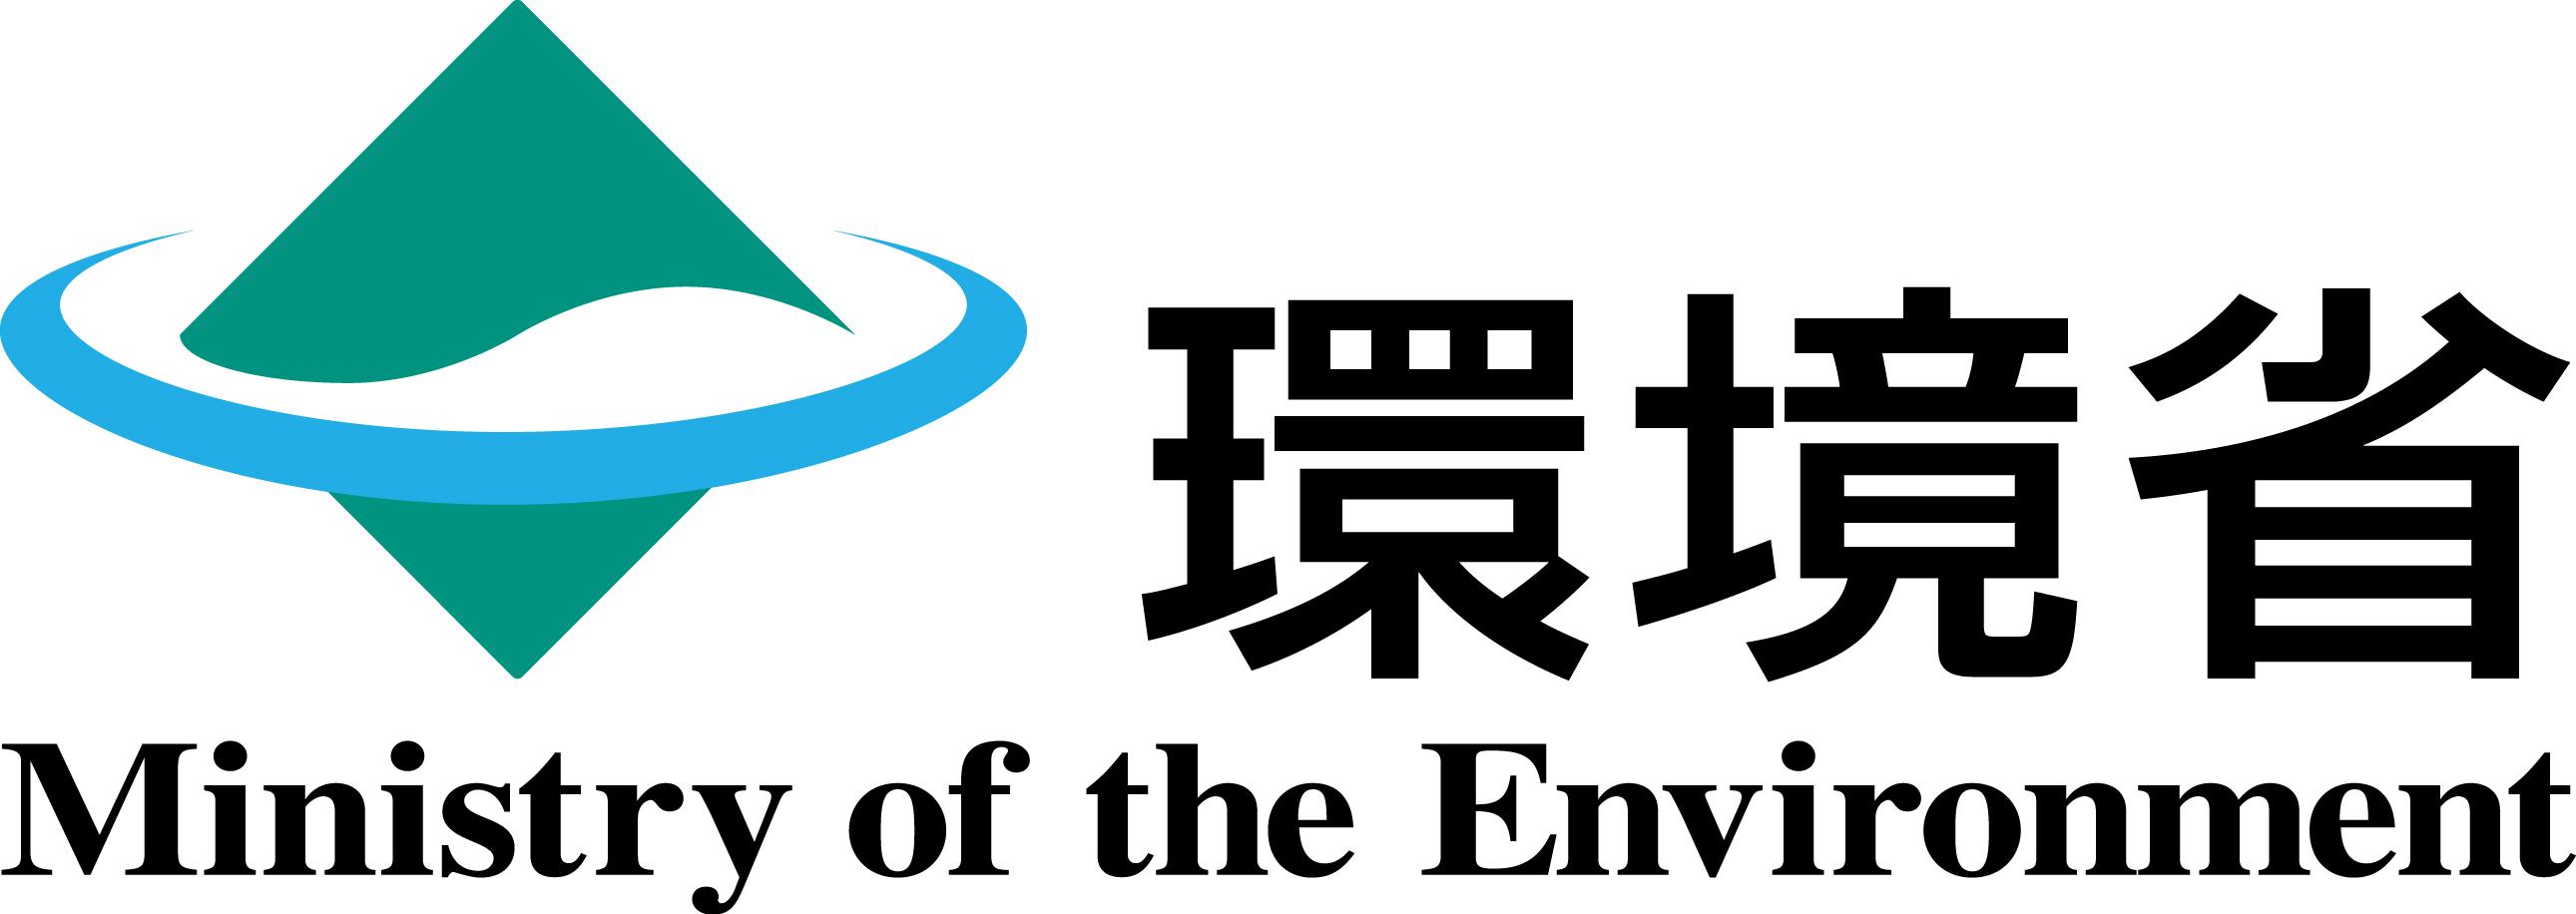 このサイトについて|大気環境配慮型SS e→AS(イーアス)| 環境省 ...